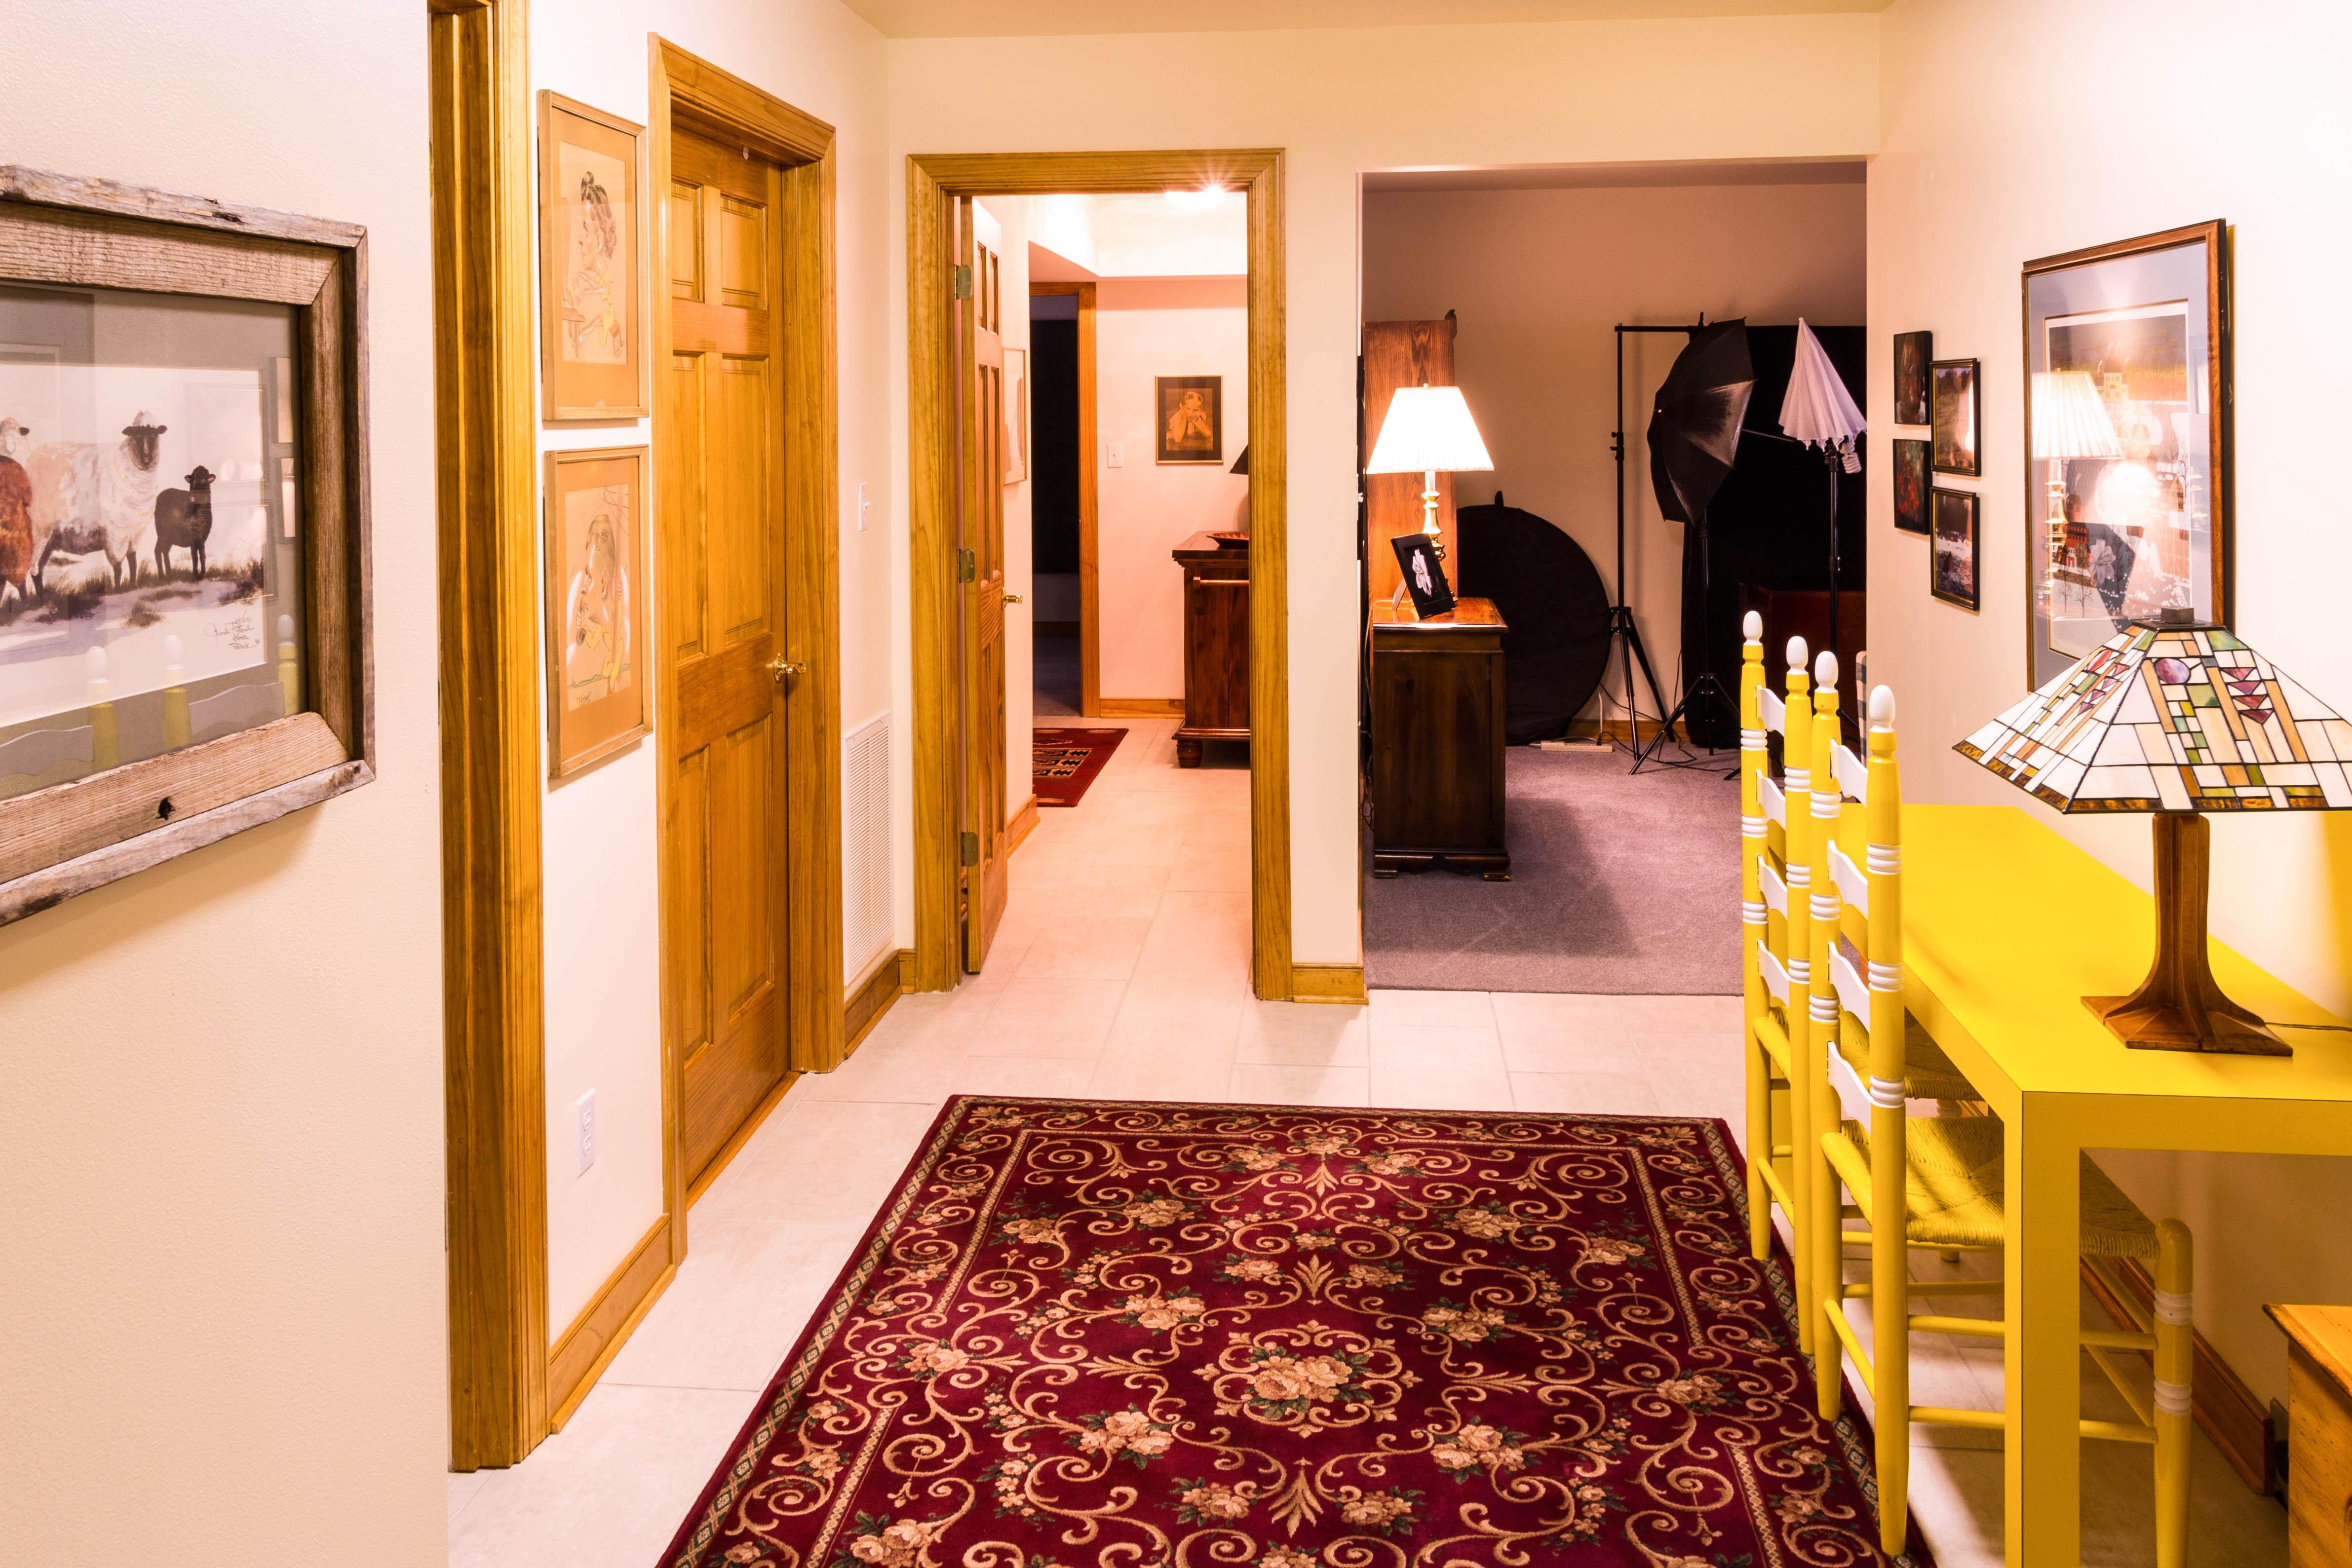 Gambar Meja Rumah Aula Milik Ruang Keluarga Kamar Desain